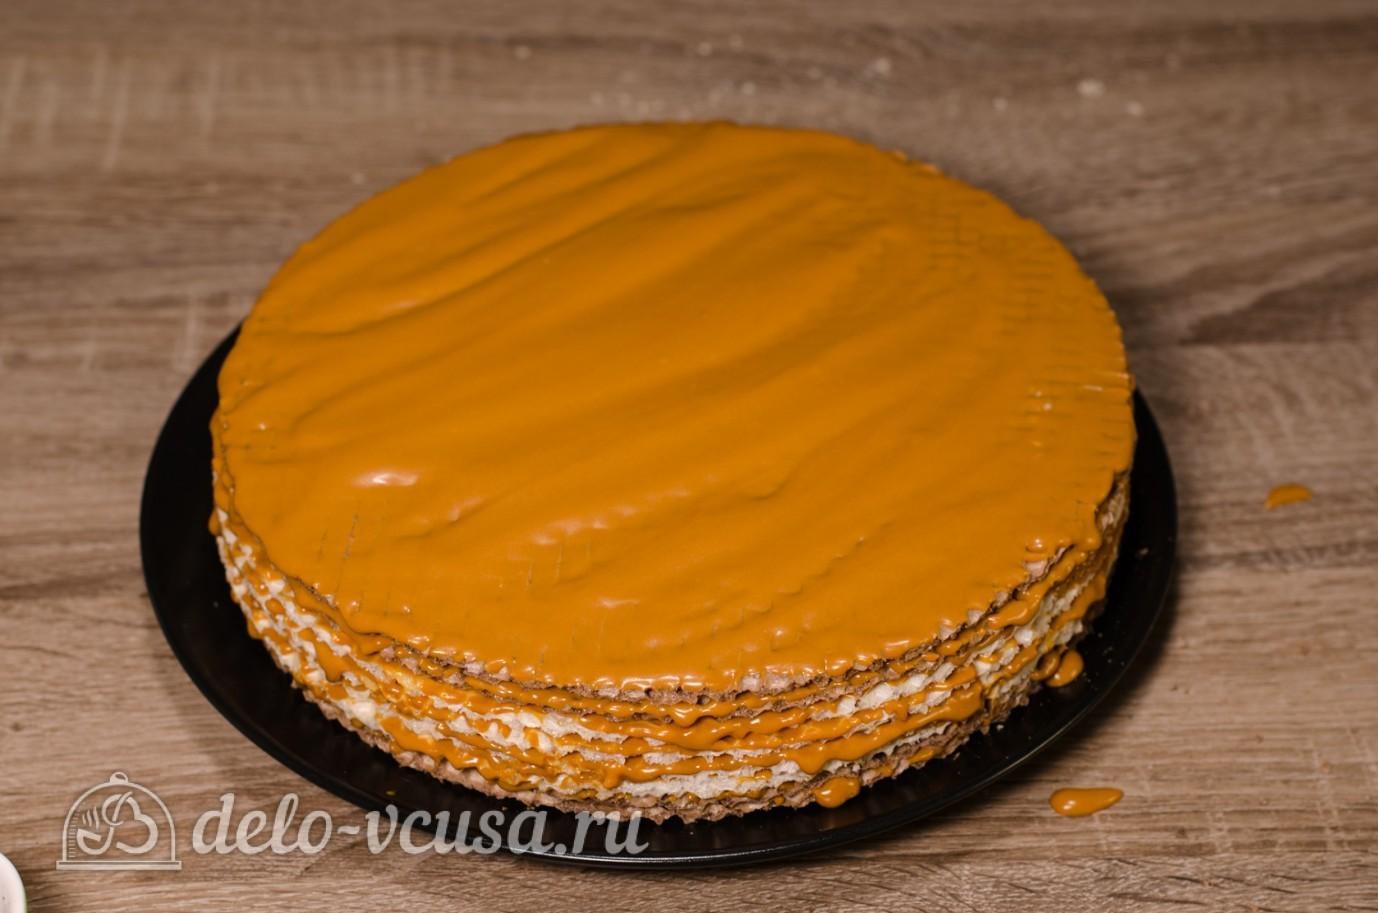 Рецепт вафельного торта со сгущенкой и вареньем